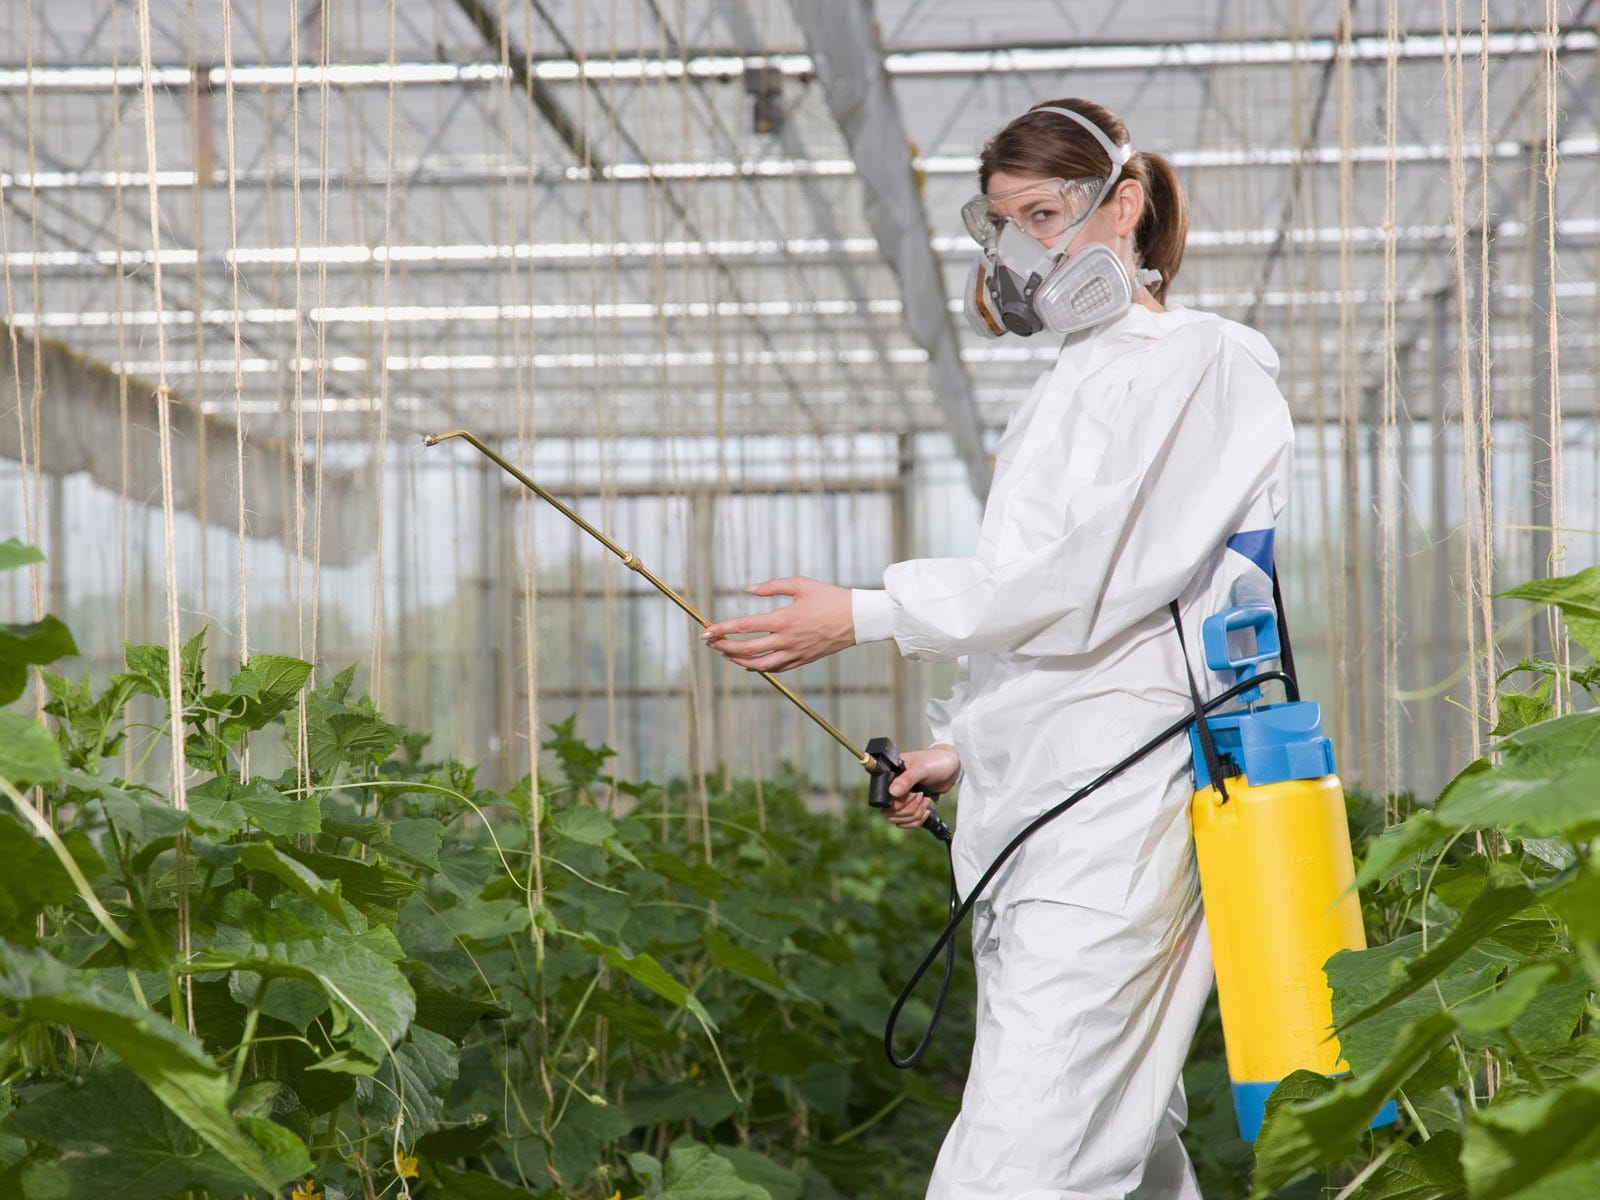 Опрыскивание растений химикатами